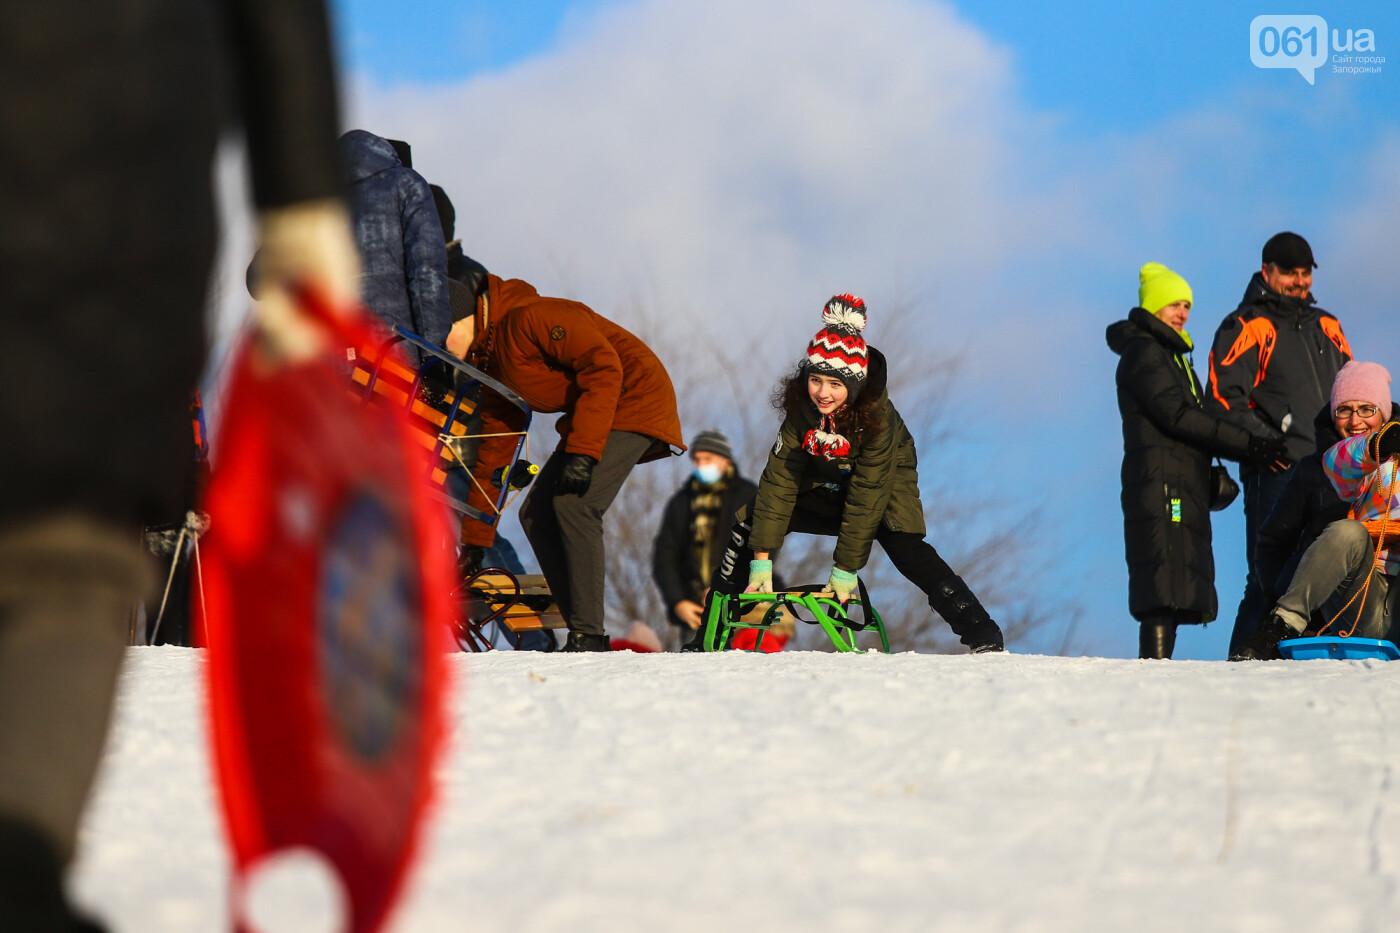 На санках, лыжах и сноуборде: запорожцы устроили массовое катание с горок в Вознесеновском парке, - ФОТОРЕПОРТАЖ, фото-52